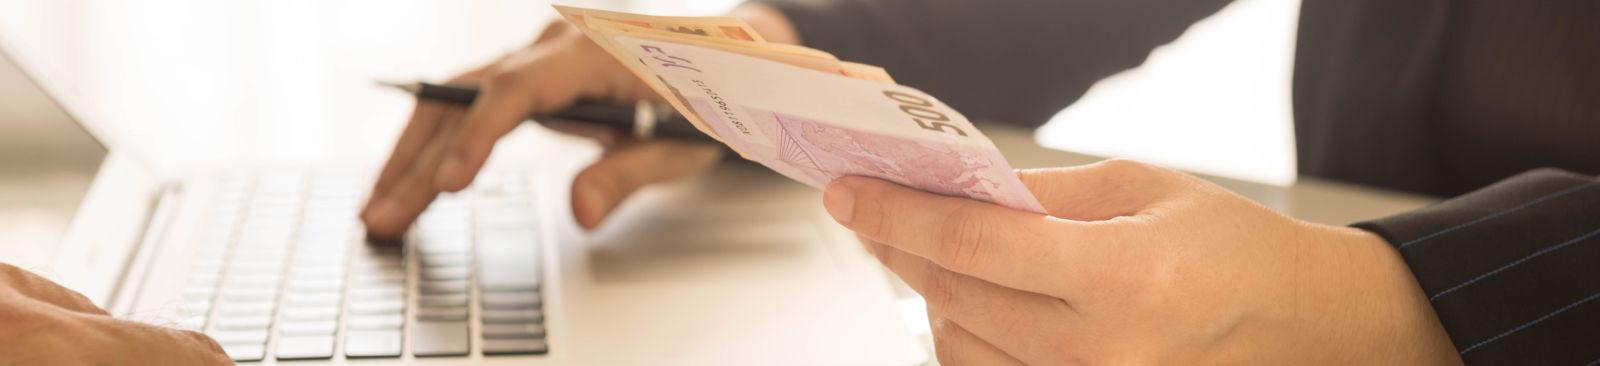 Bankkredite CeliMar